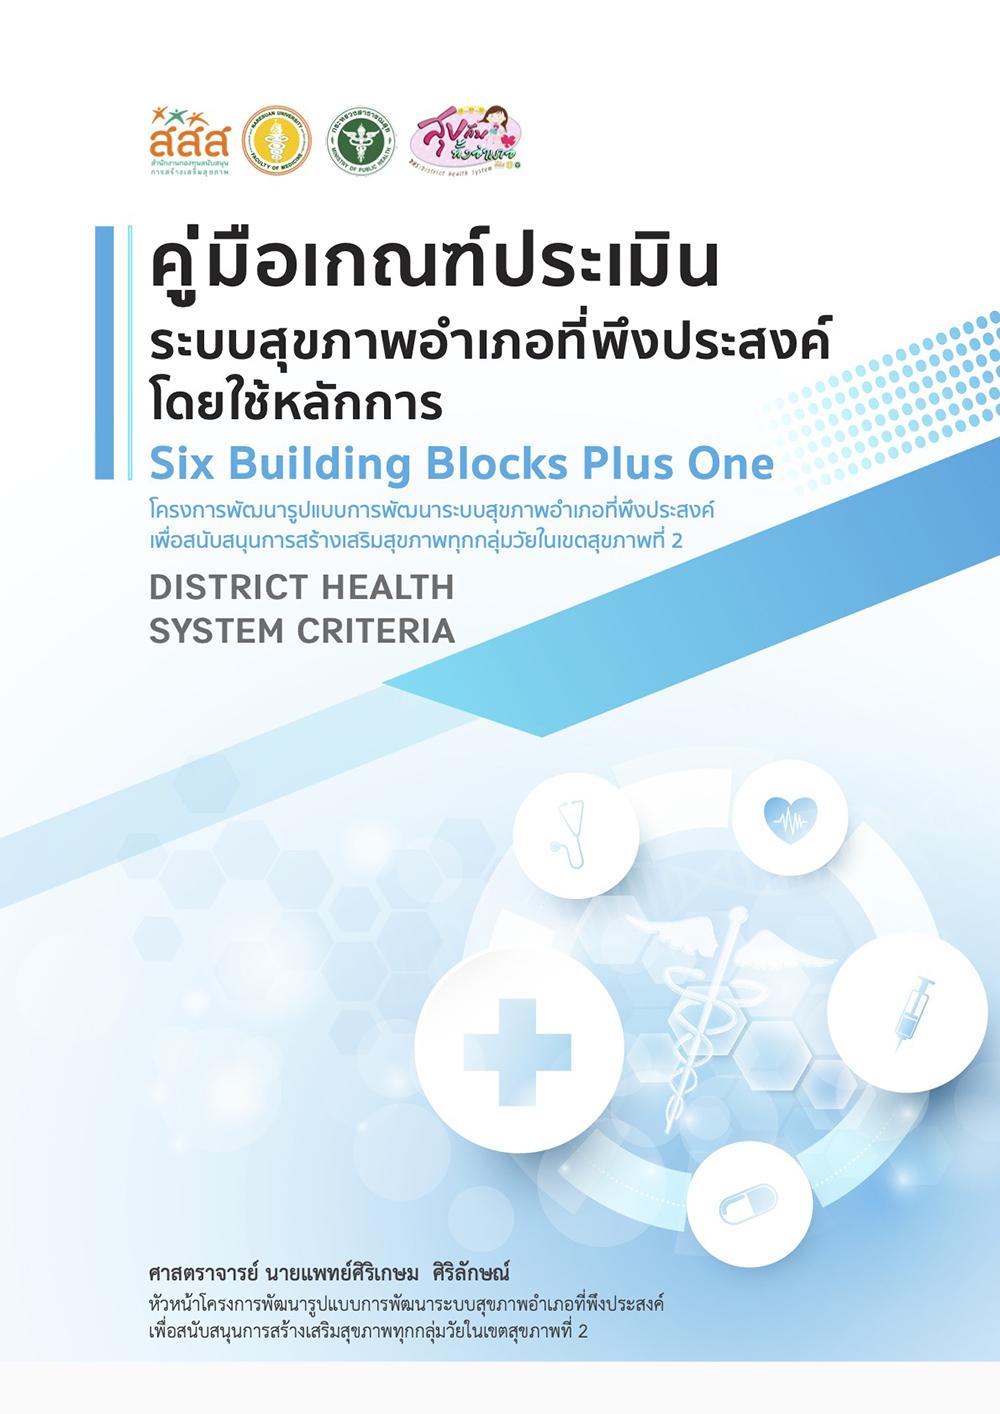 คู่มือเกณฑ์ประเมินระบบสุขภาพอำเภอที่พึงประสงค์โดยใช้หลักการ Six Building Blocks Plus One